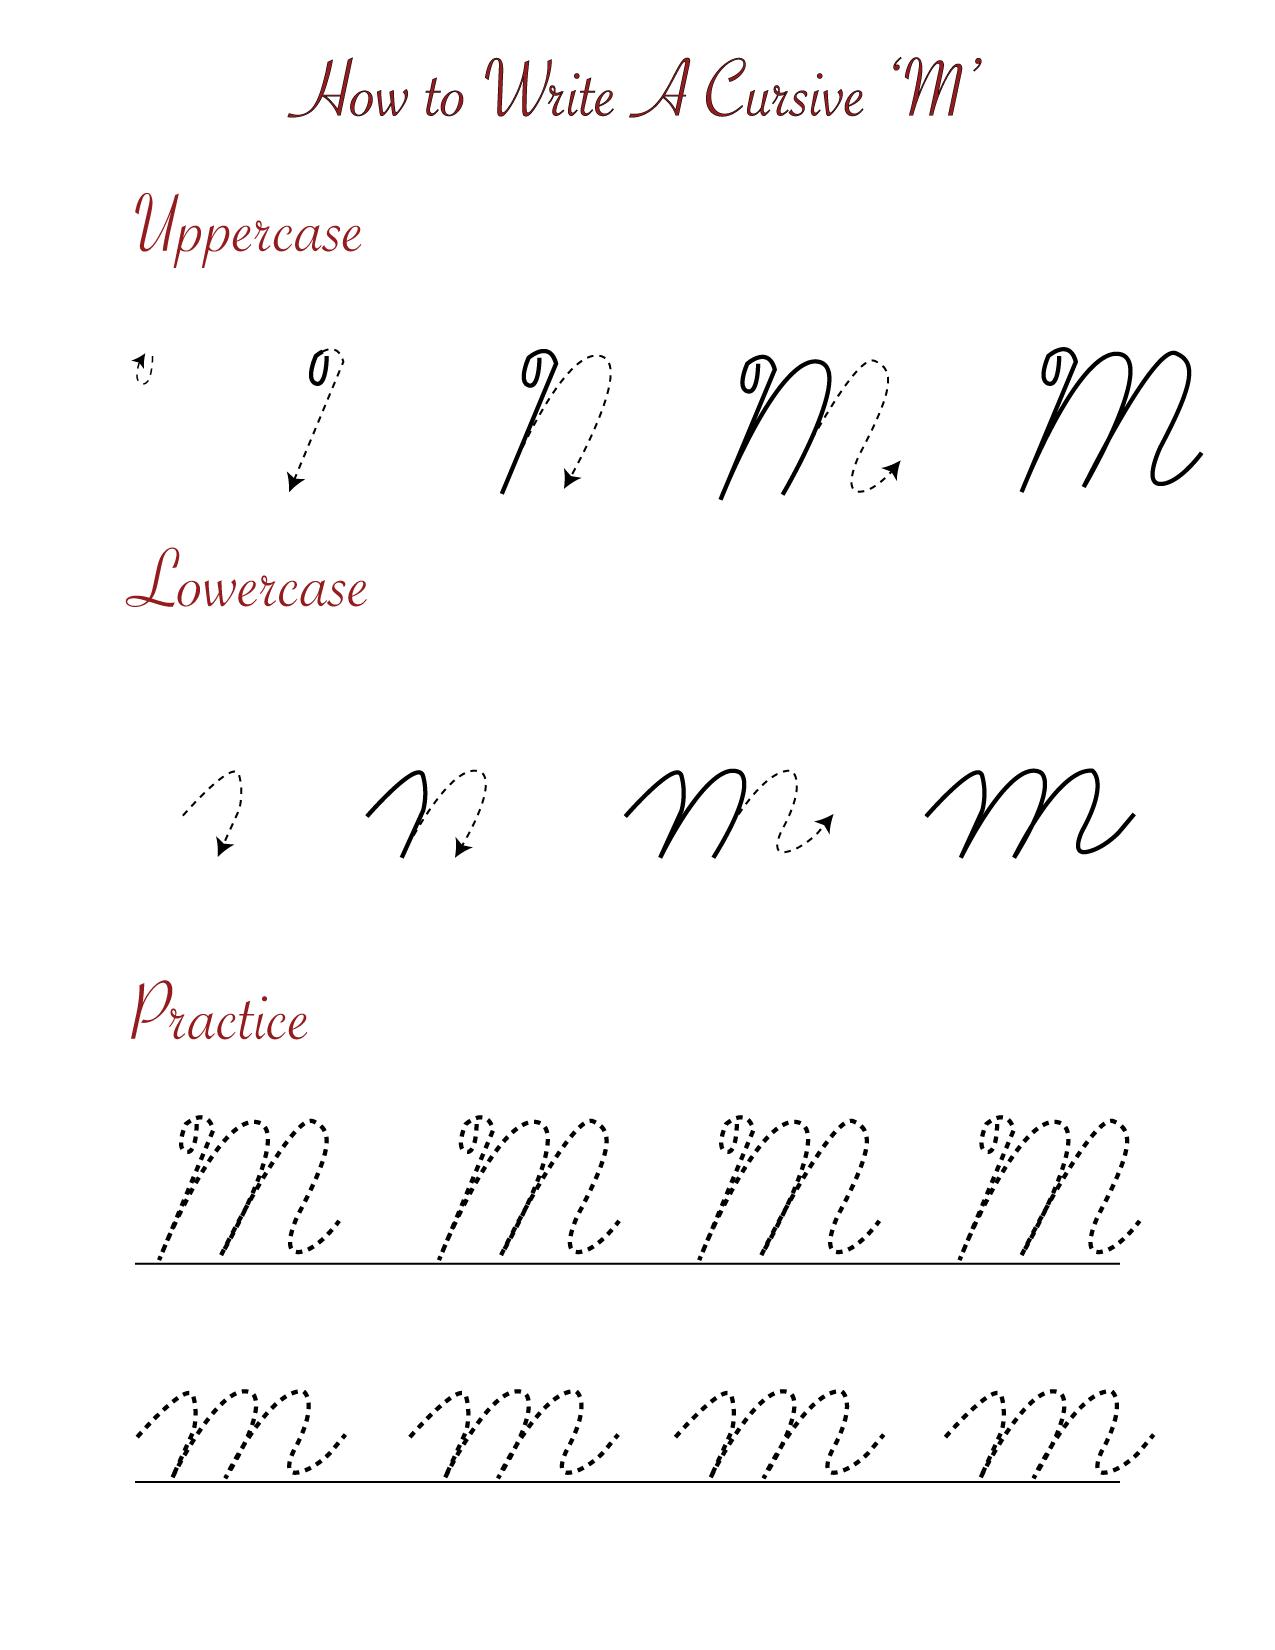 How to write a cursive M